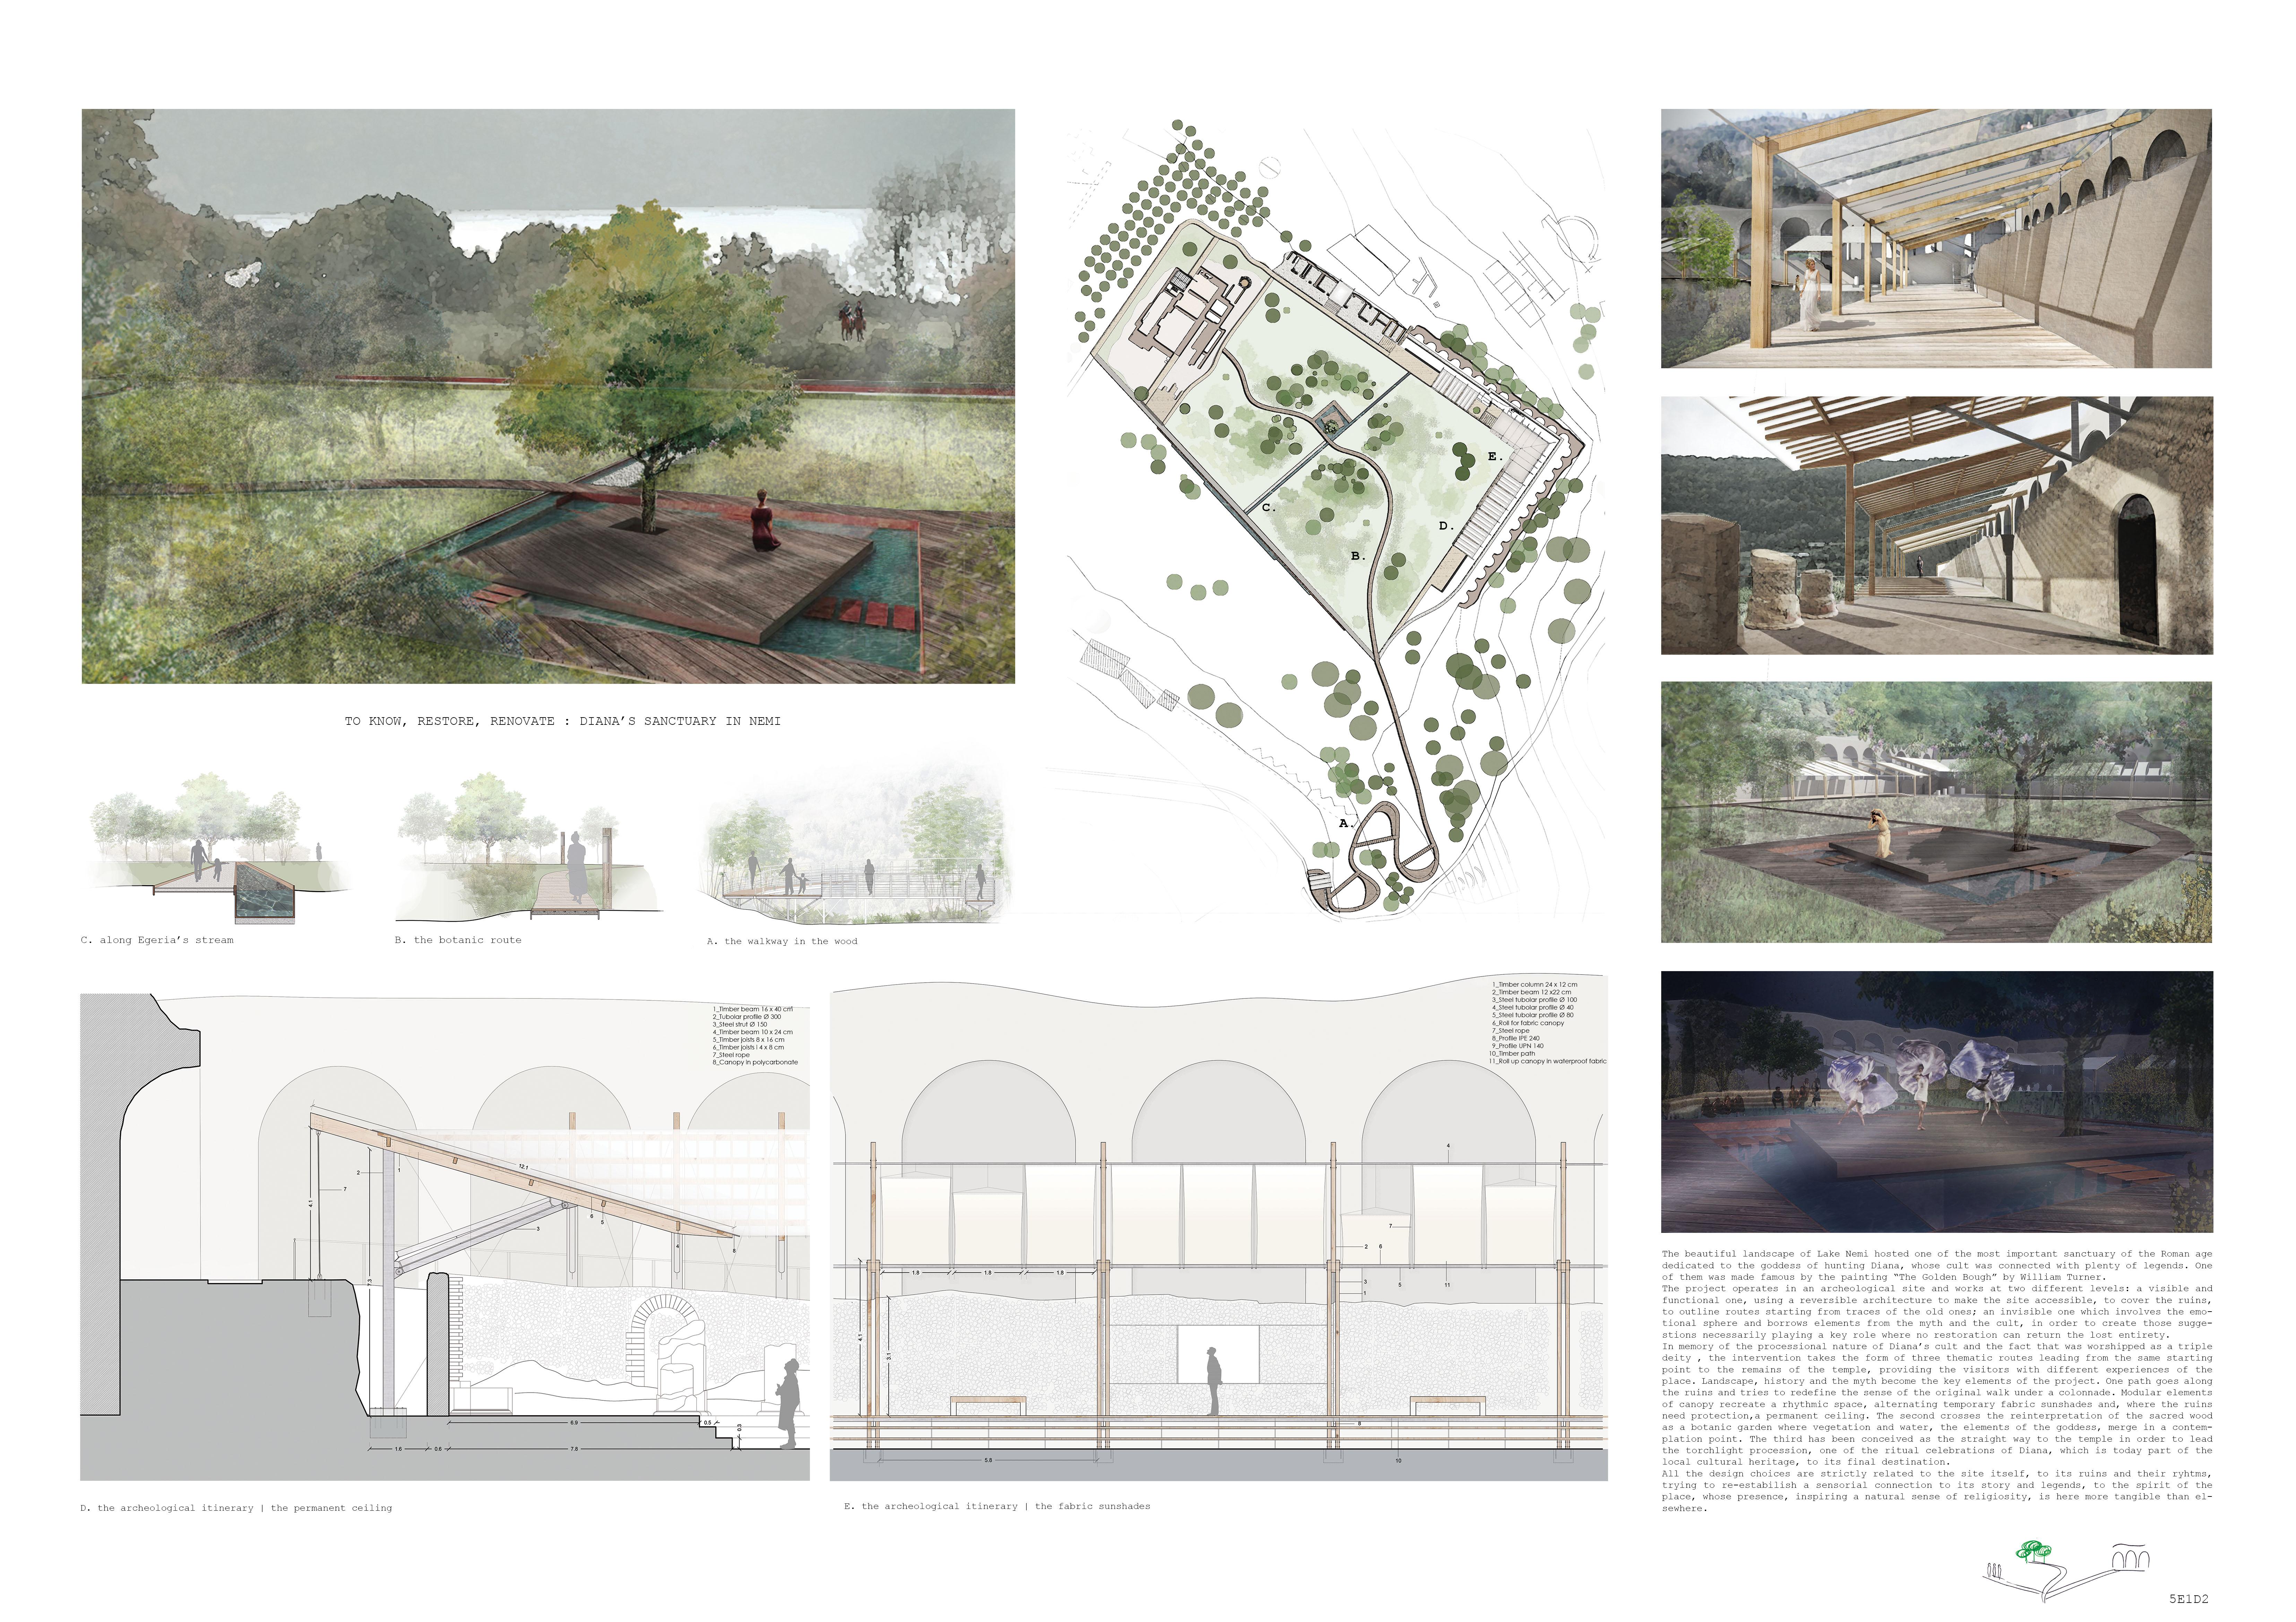 To know, restore, renovate: Diana's Sanctuary in Nemi Board